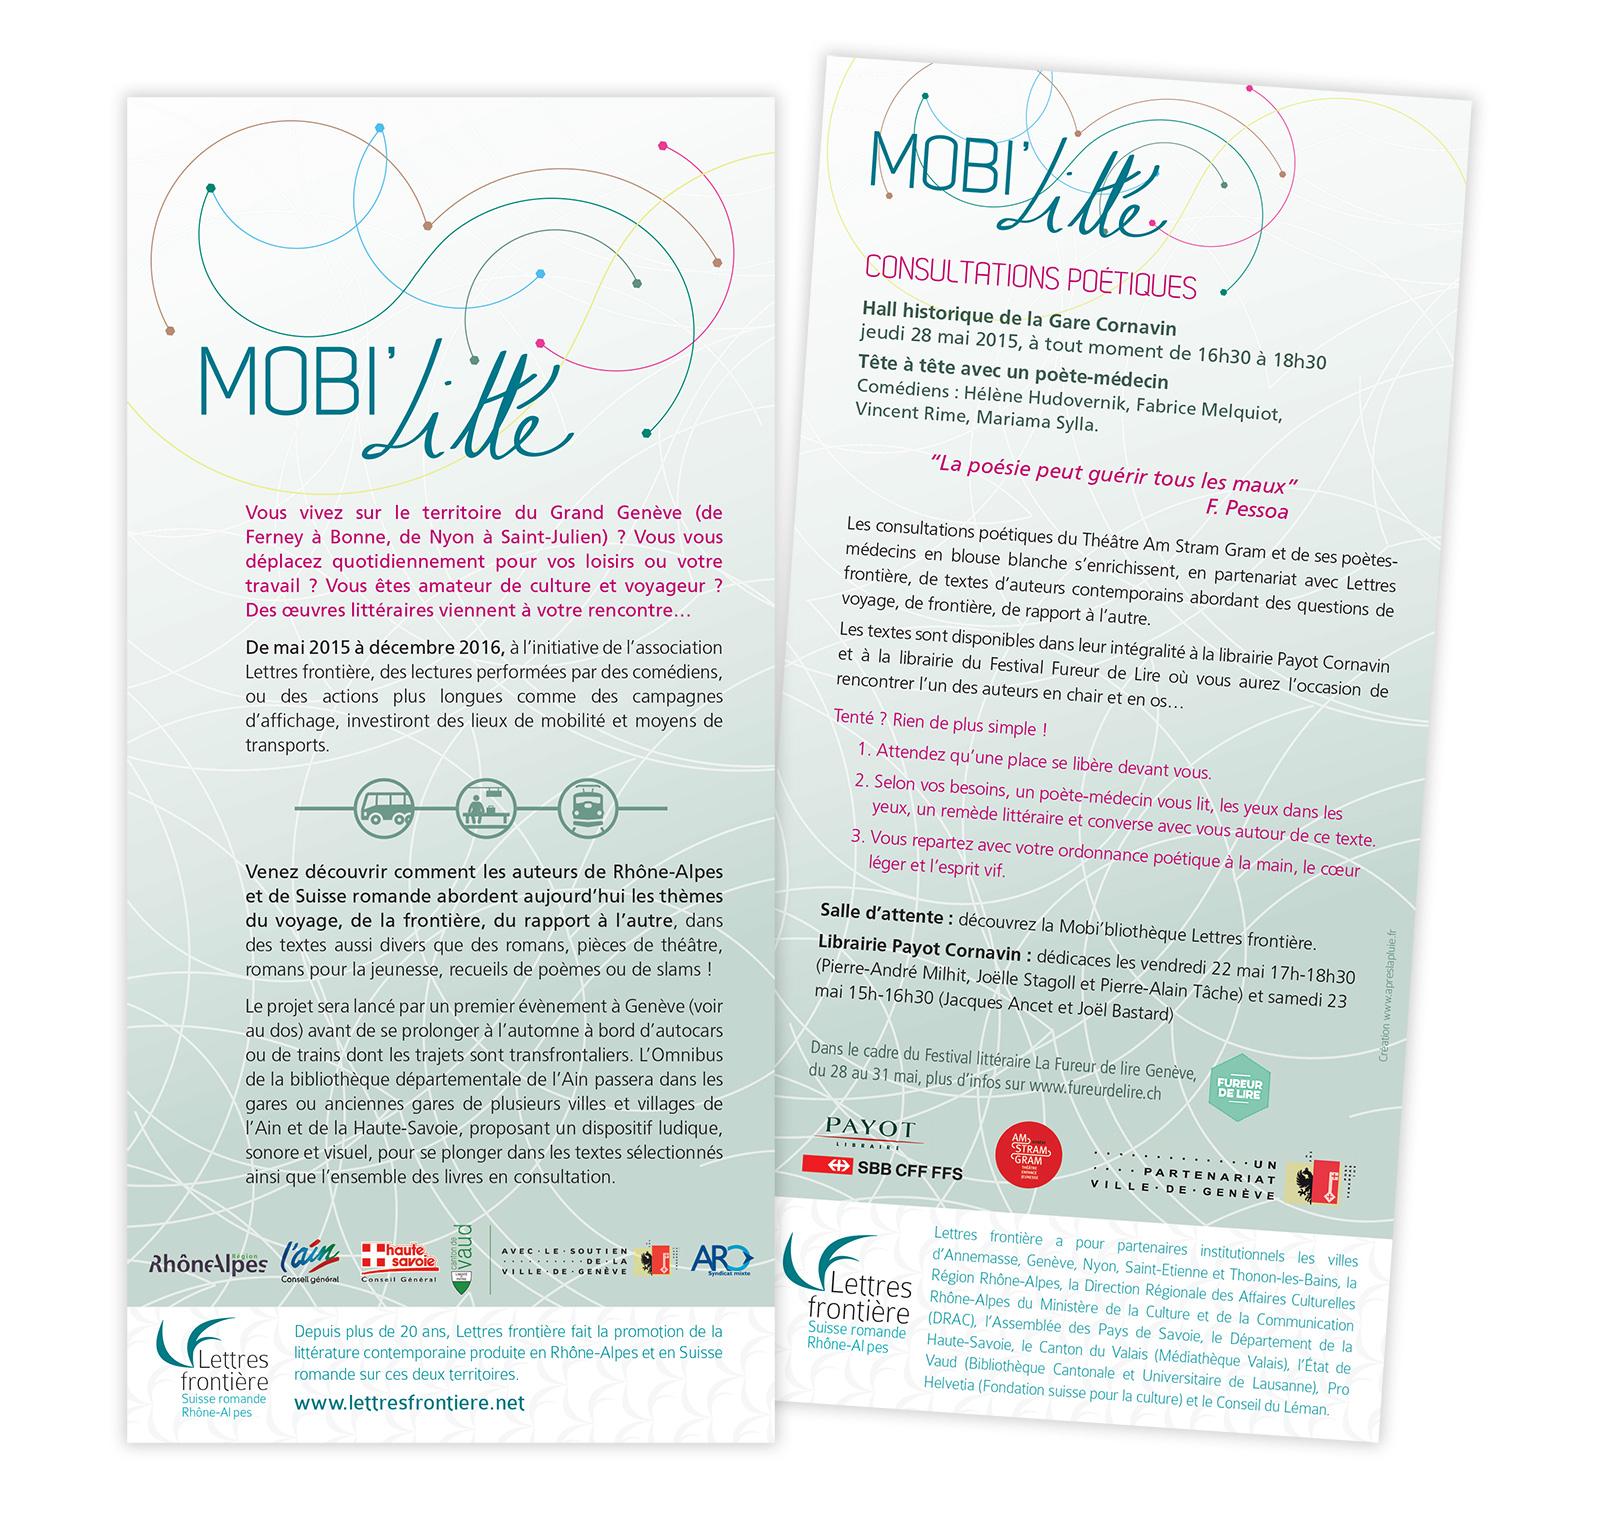 Flyer présentant une partie du programme Mobi'Litté - Lettres frontière